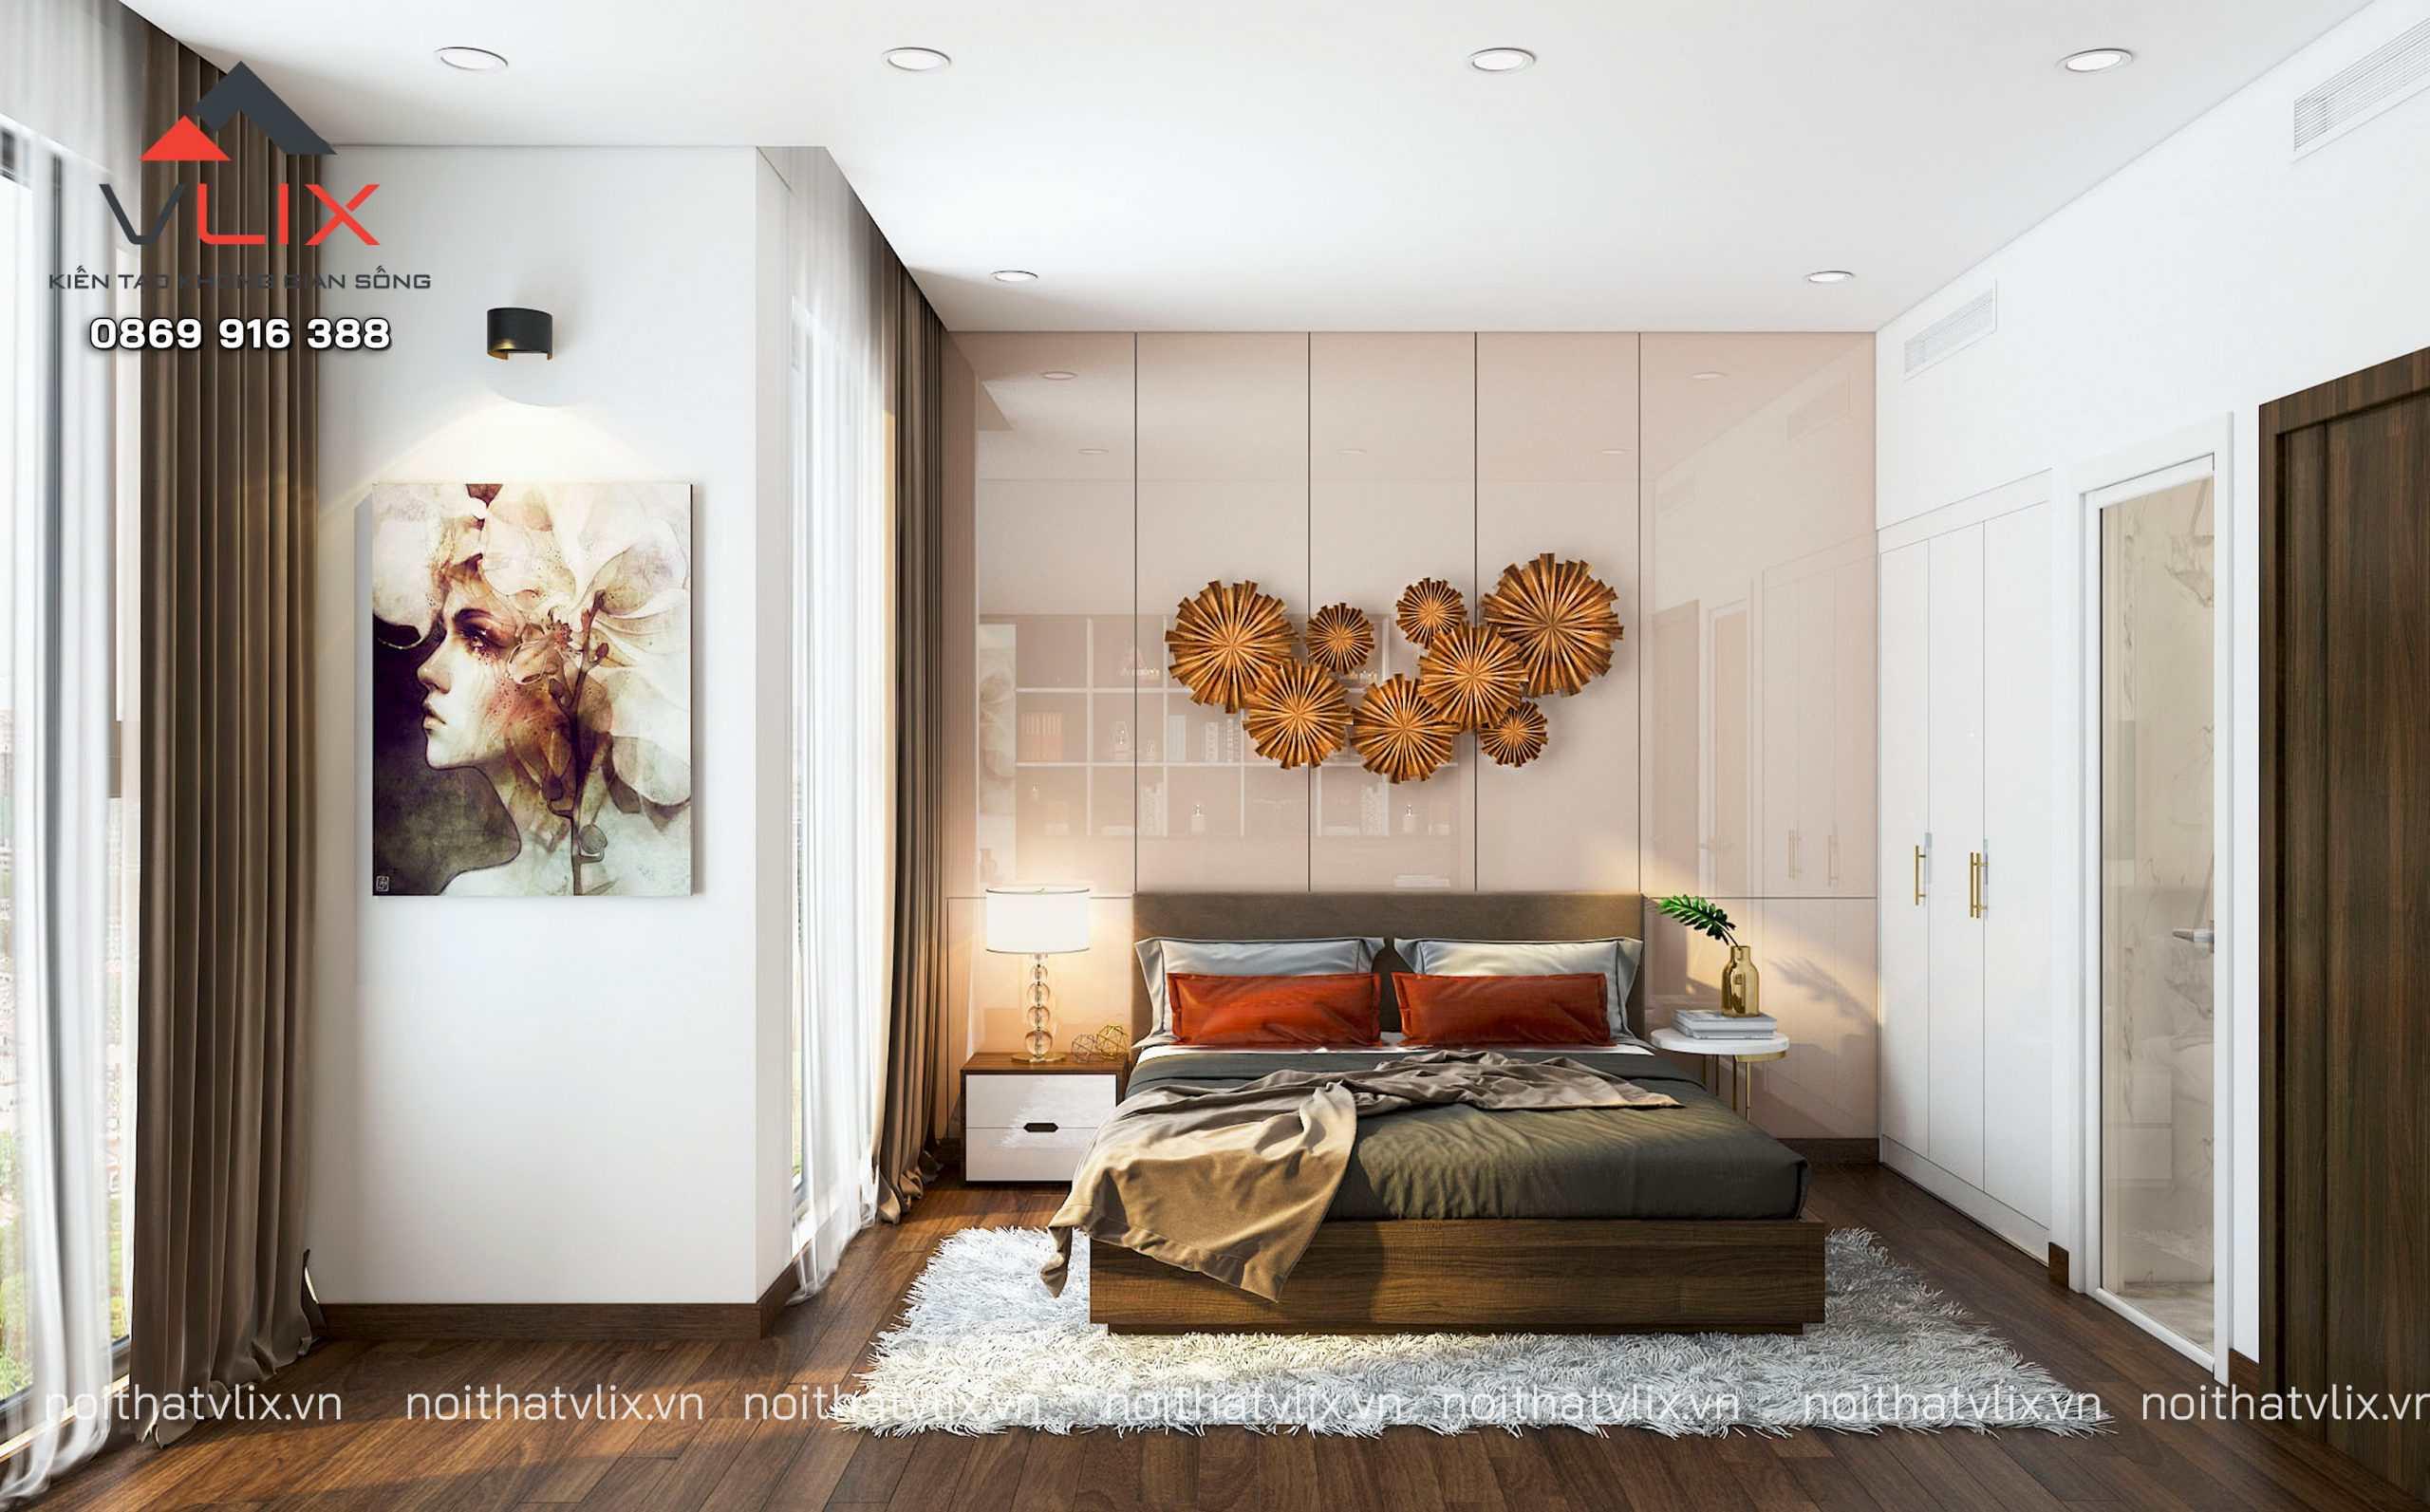 Thiết kế nội thất chung cư hiện đại sang trọng